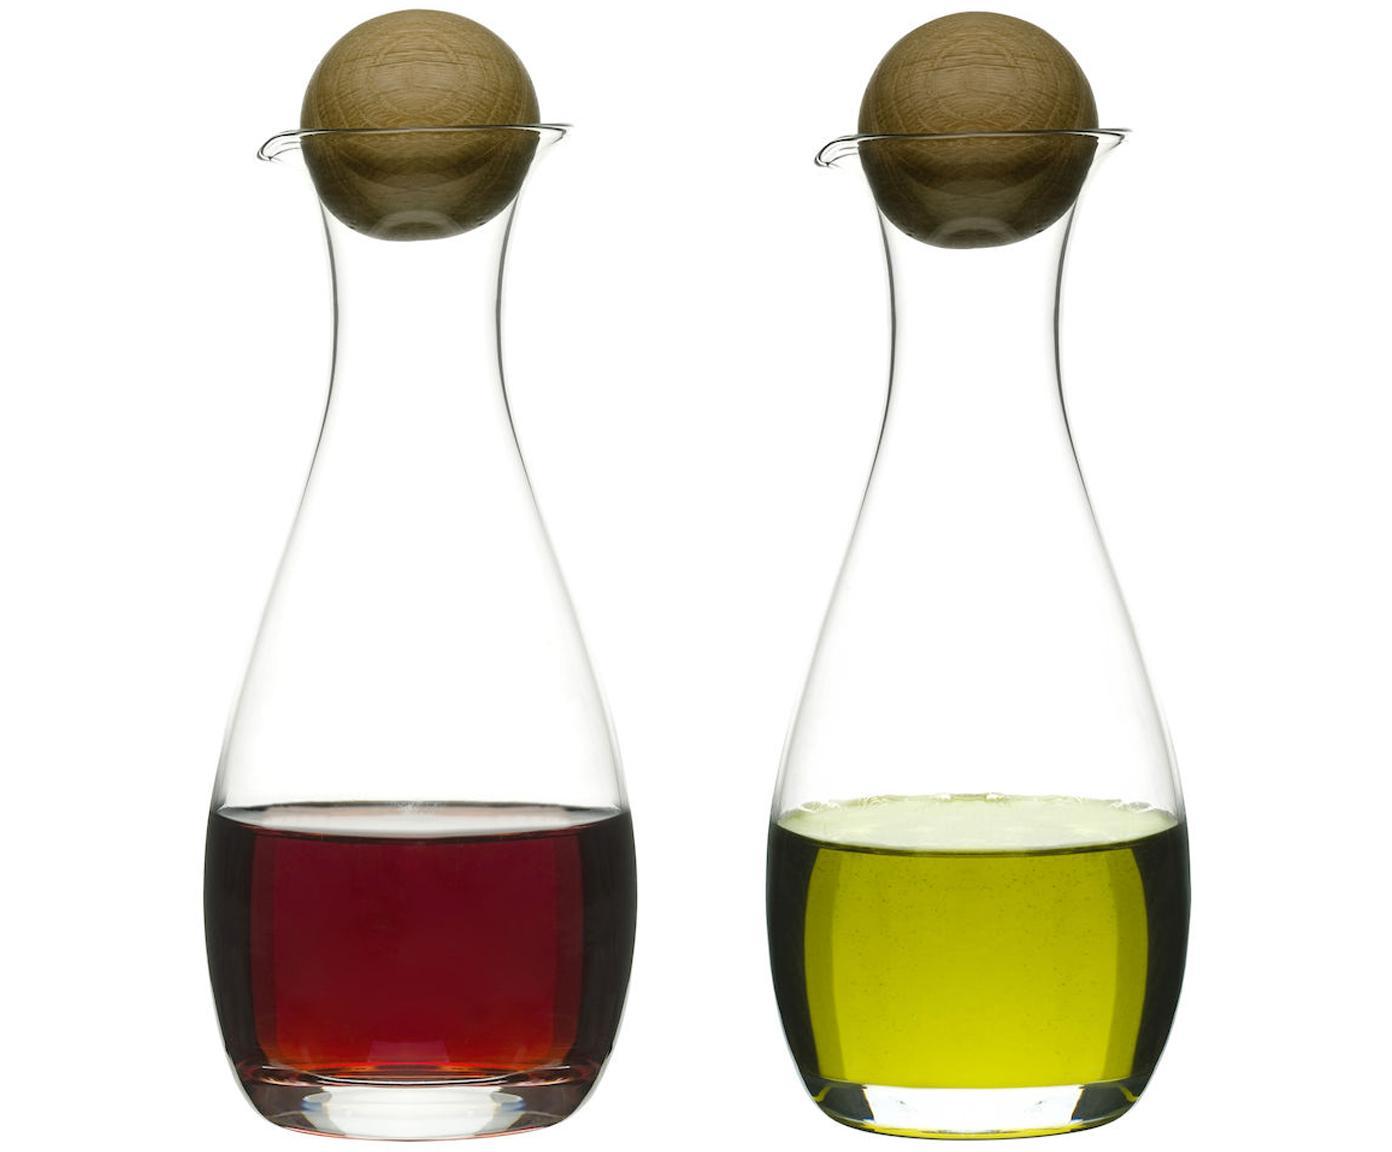 Set olio e aceto in vetro soffiato Eden 2 pz, Vetro soffiato, legno di quercia, Trasparente, legno di quercia, Ø 8 x Alt. 19 cm